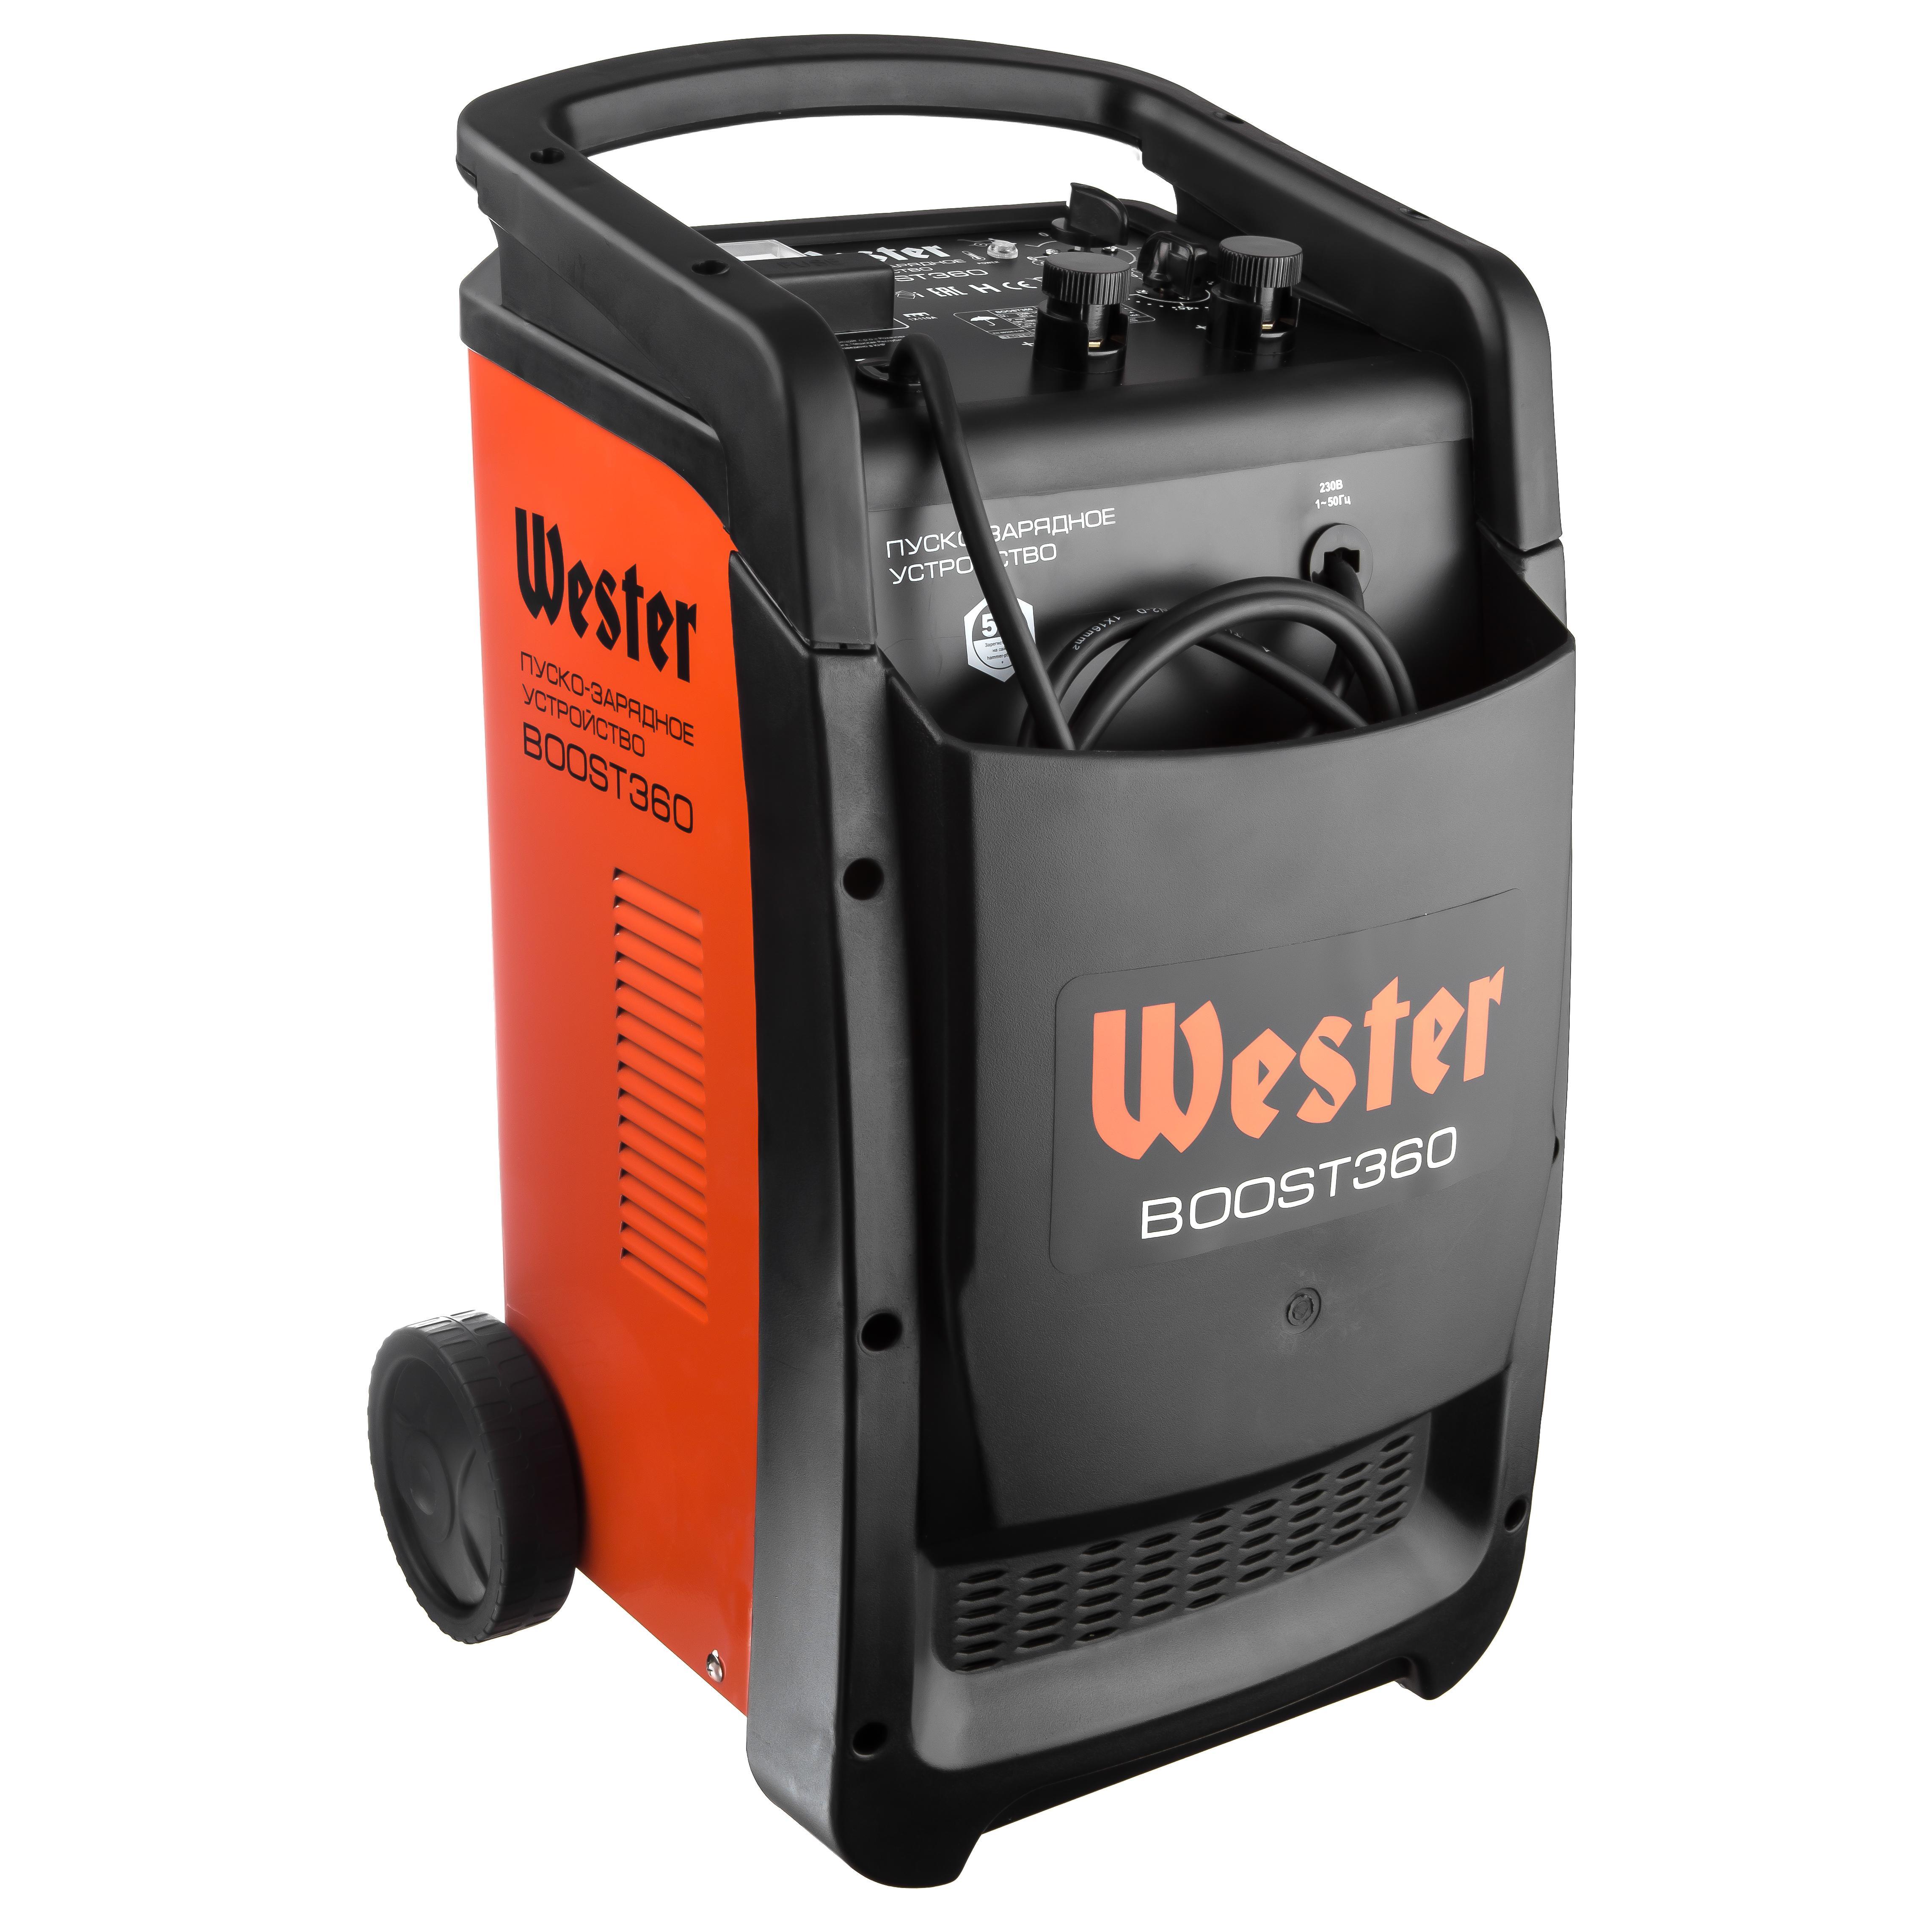 купить Устройство пуско-зарядное Wester Boost360 недорого